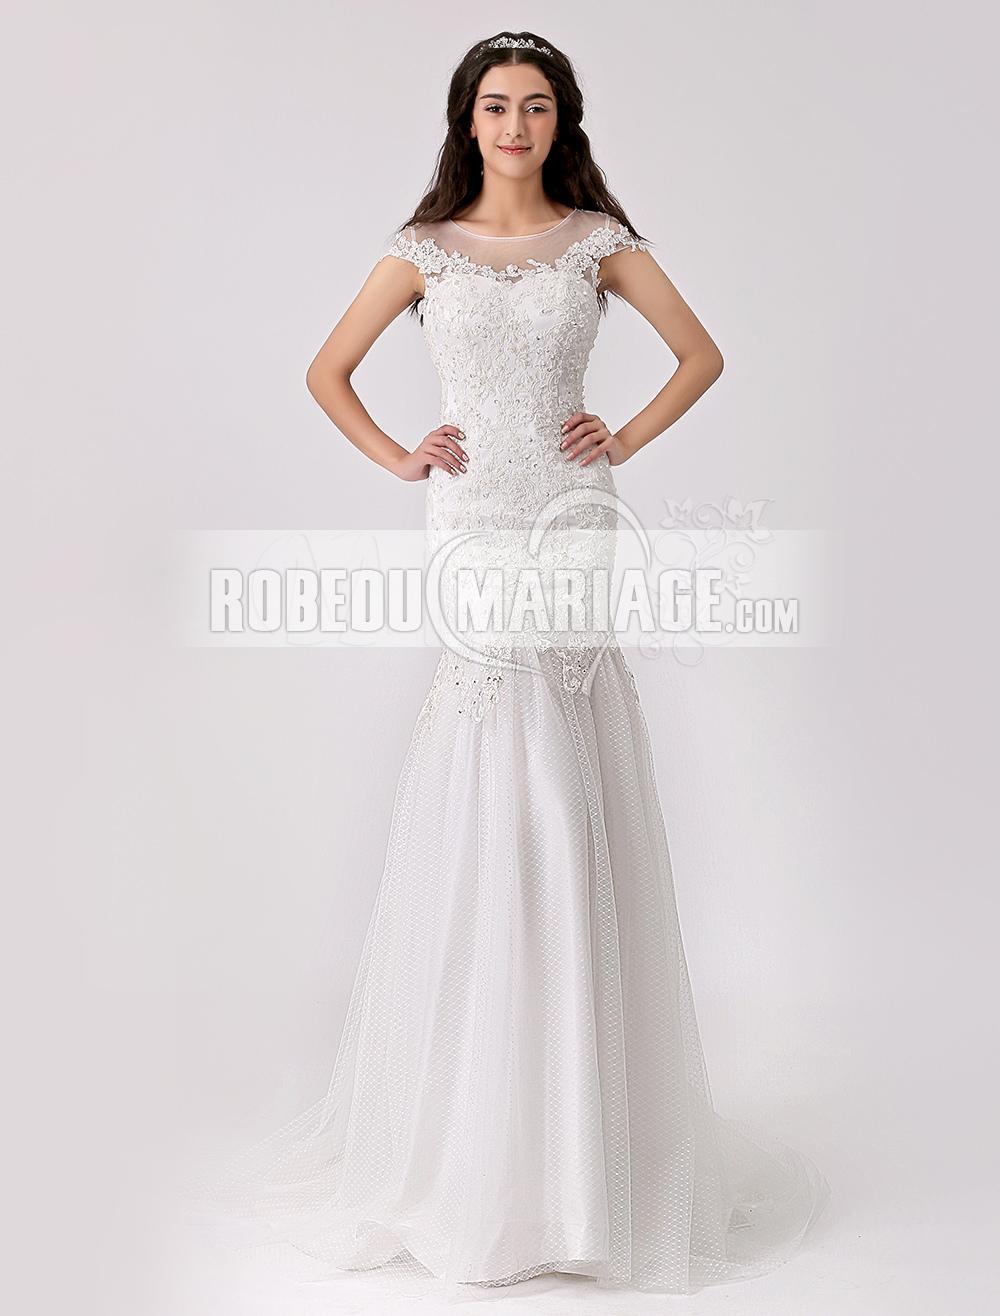 aea76cceadd Robe de mariée longue ornée de paillettes et d appliques